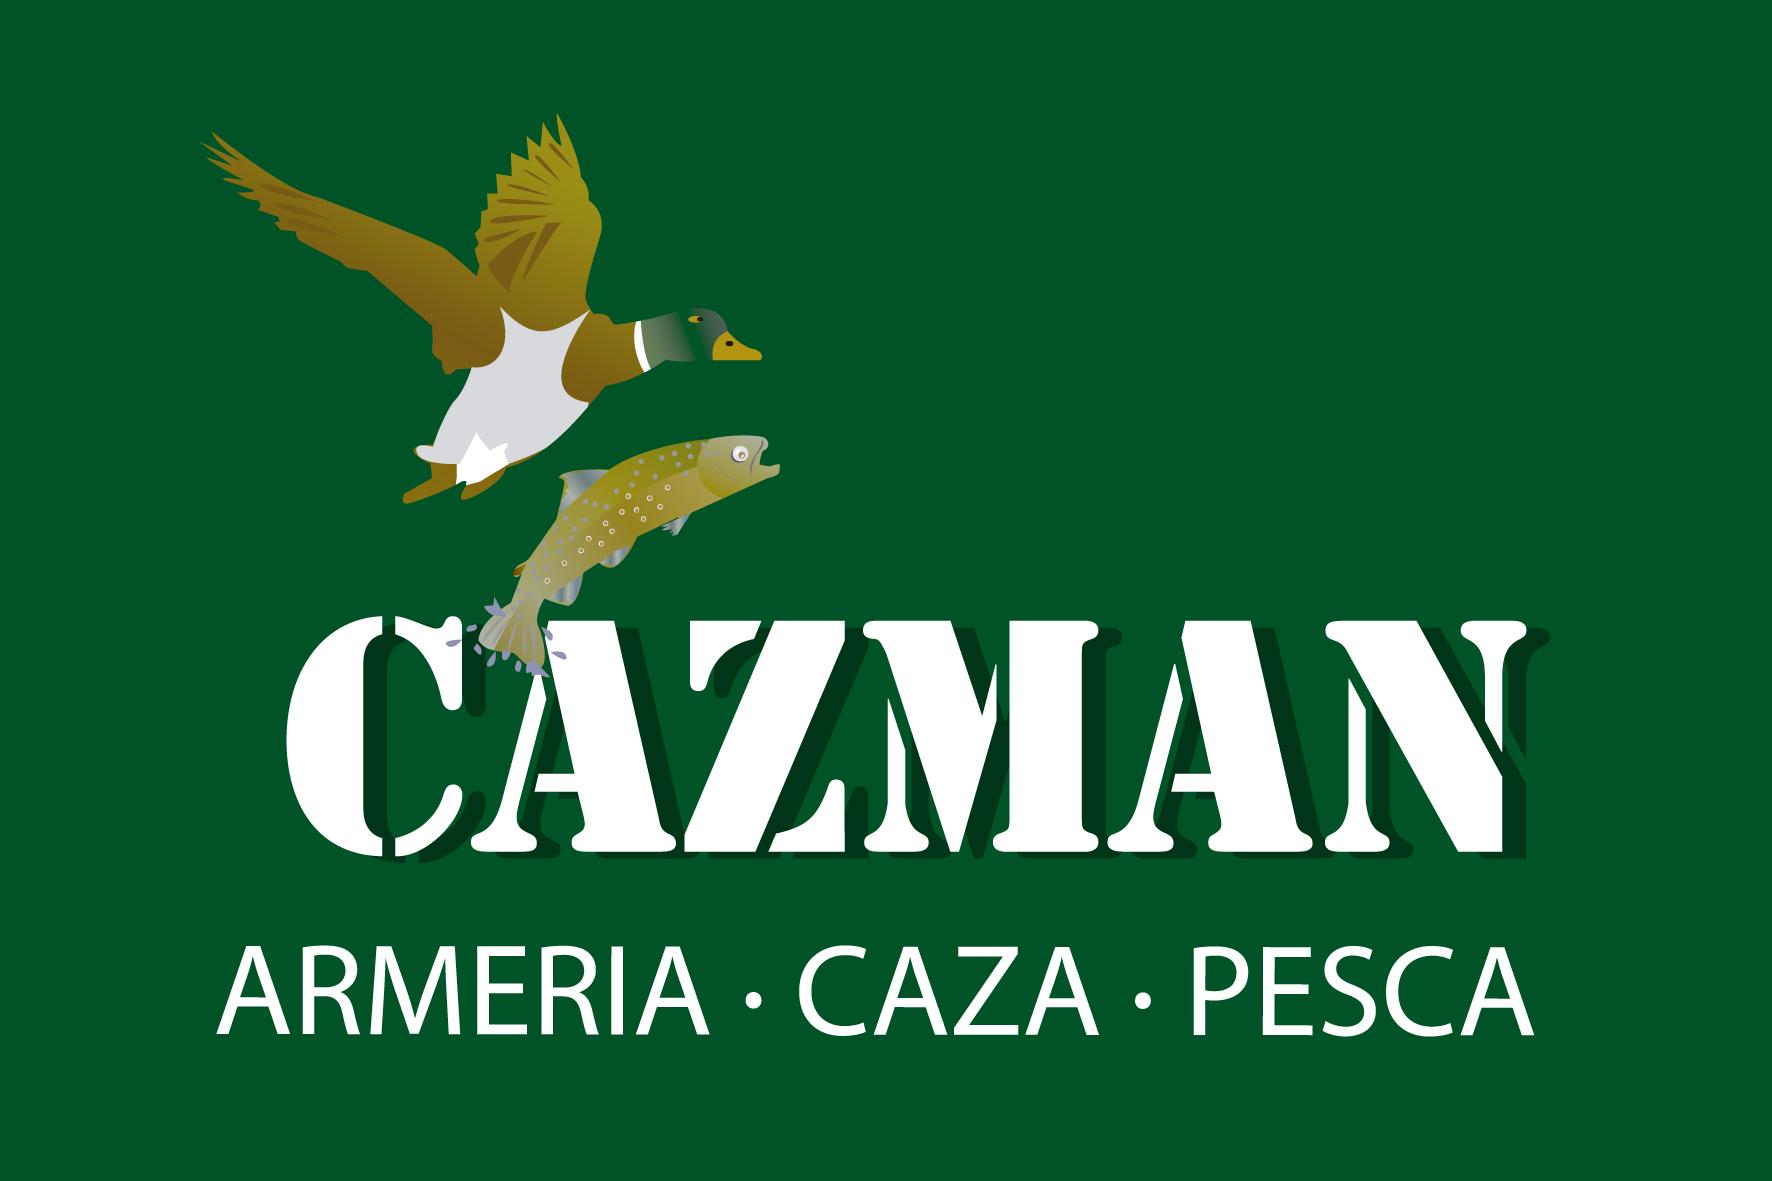 cazman, armeria cantabria, pesca de rio, armas, ofertas